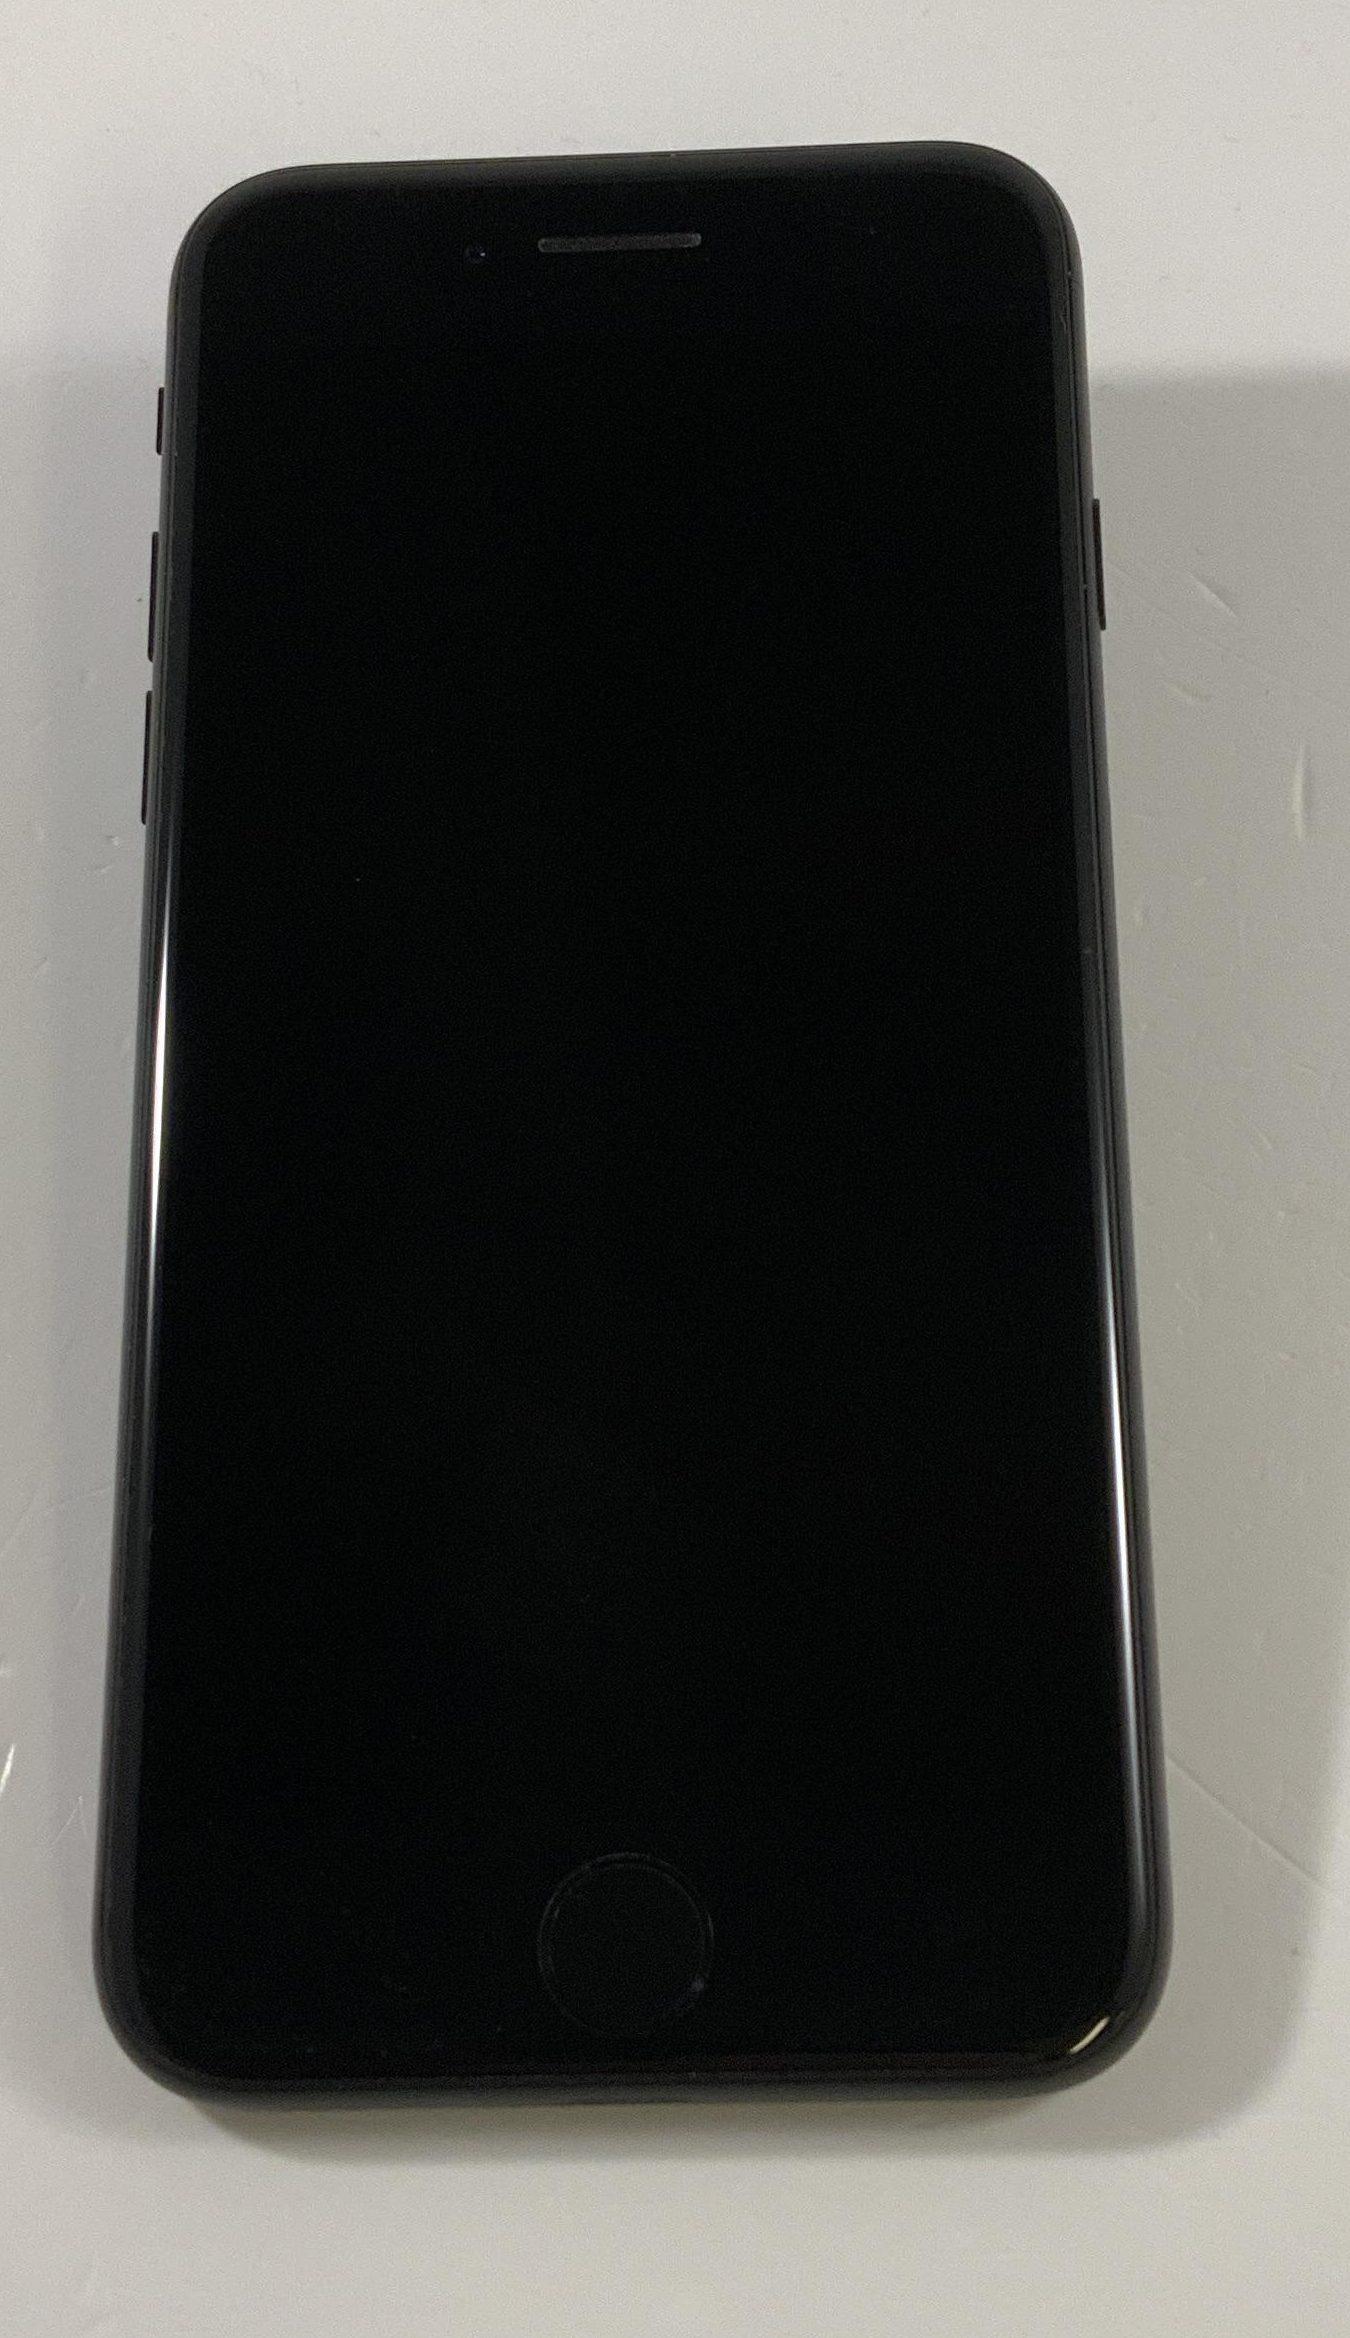 iPhone 7 32GB, 32GB, Black, image 1